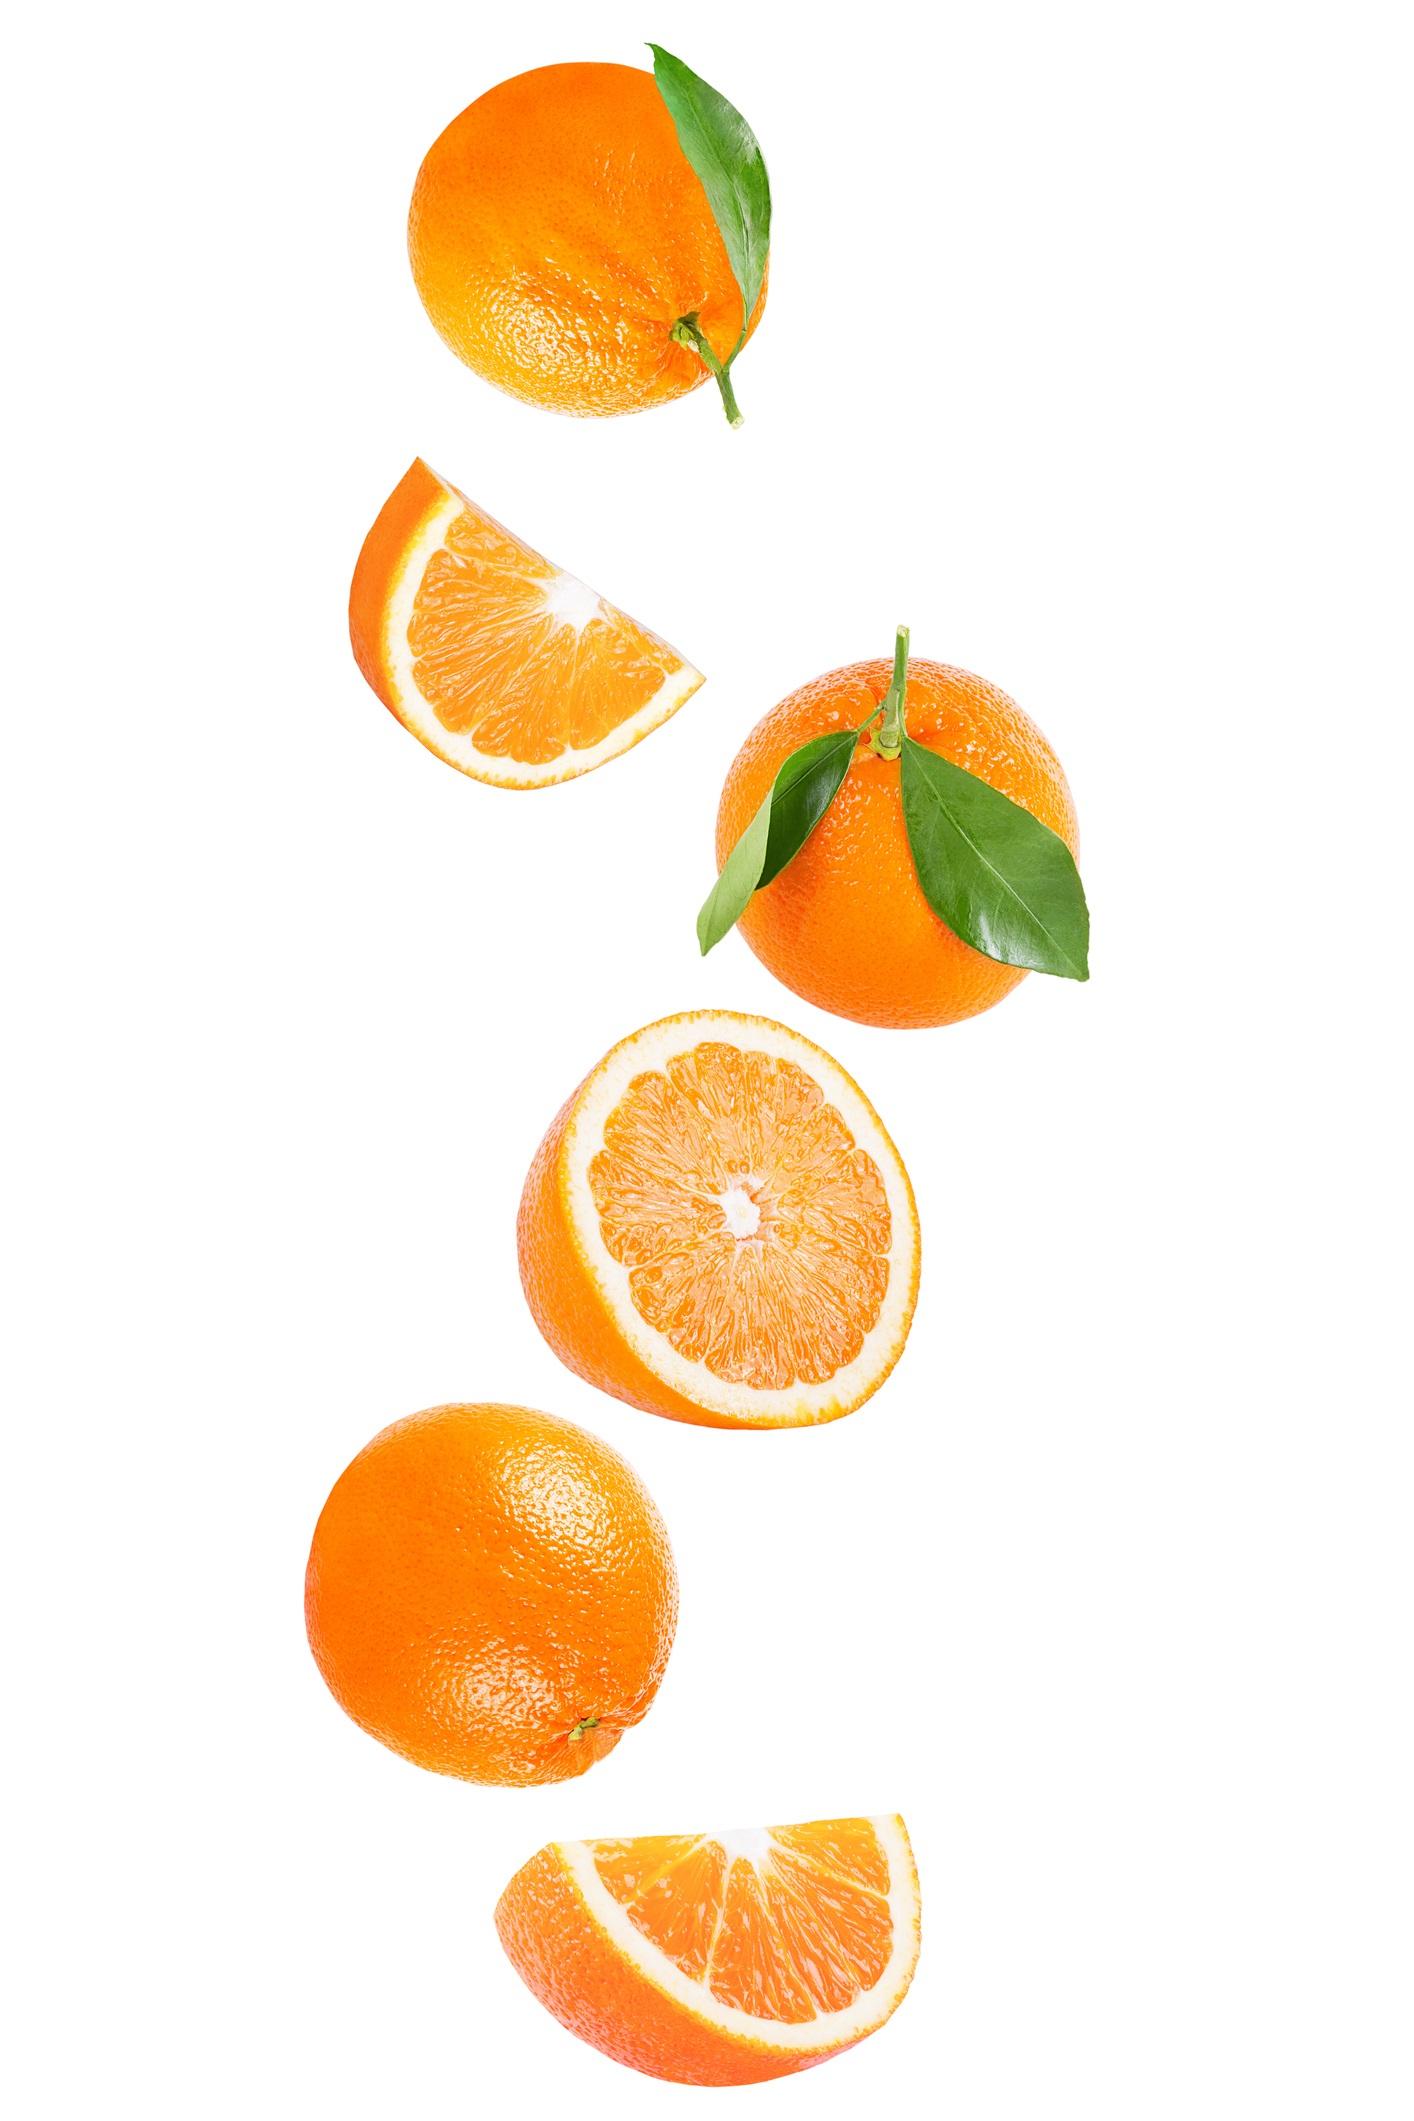 <p><strong>Везни &ndash; портокал</strong></p>  <p>Везните са хора, които не обчат драмата и в портокала няма нищо драматично. Плод, който помага (с много витамин С) и ни кара да се чувстваме комфортно, особено в студена зимна вечер. Точно, както везните.</p>